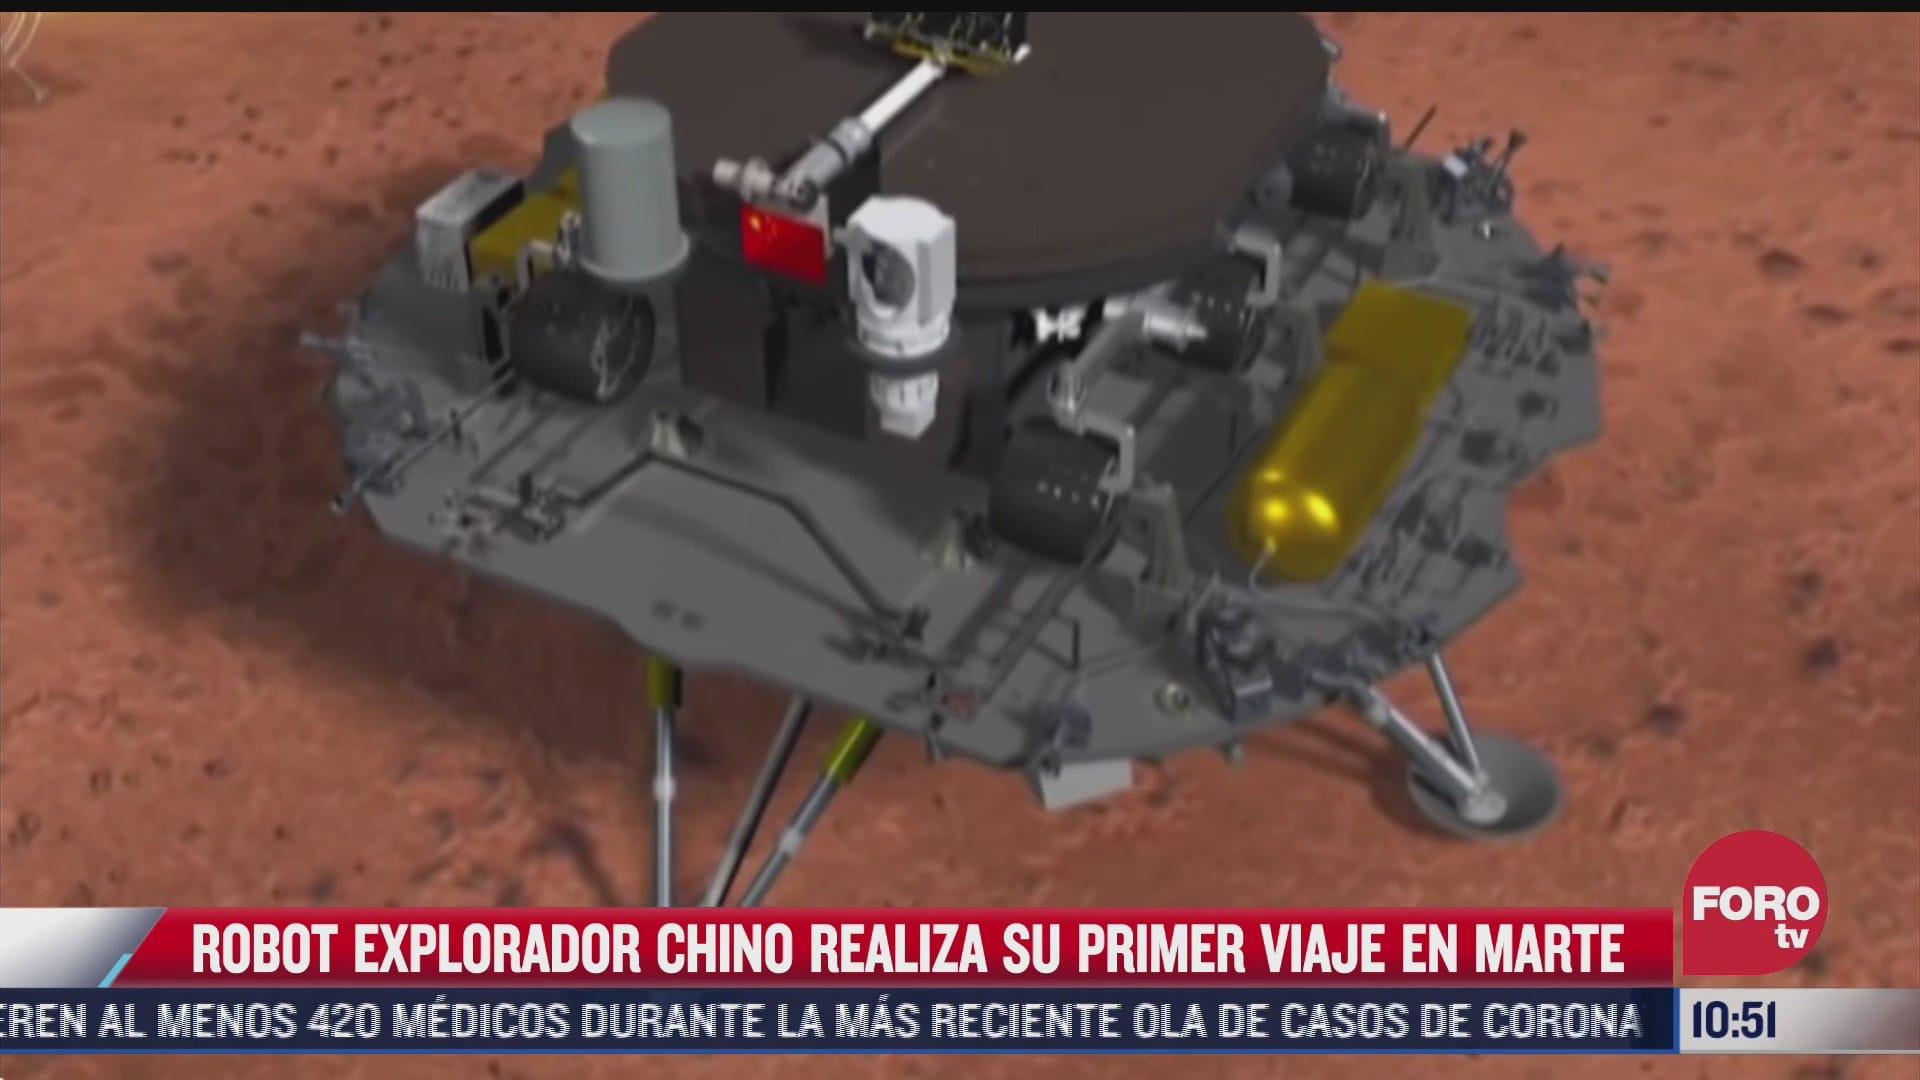 robot explorador chino realiza su primer viaje en marte